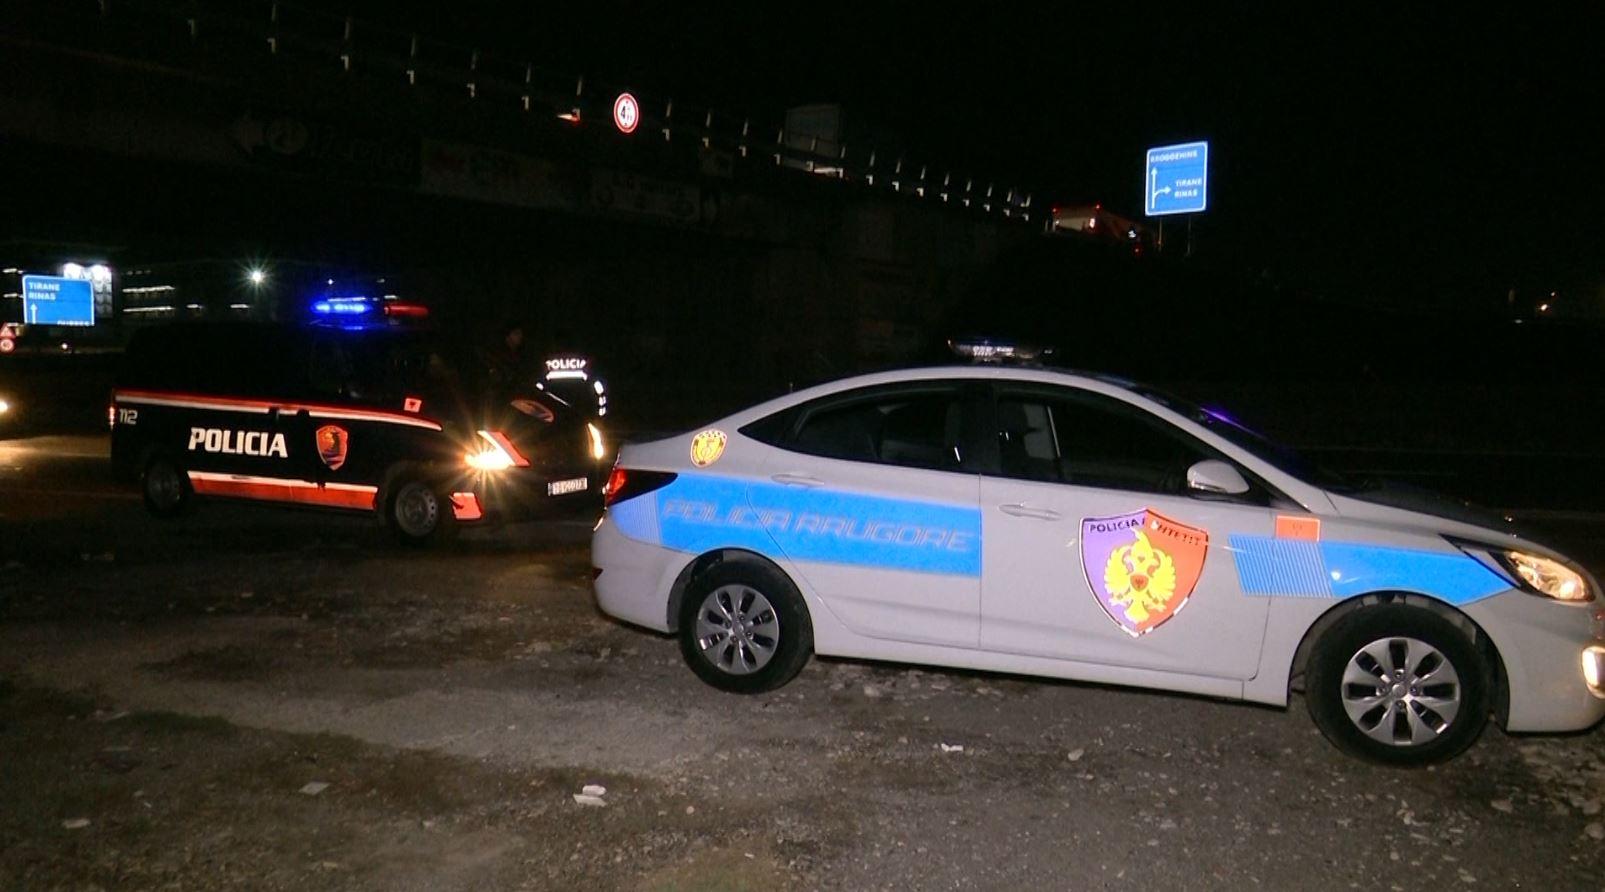 """Nikla nën rrethim për atentatin, si u zhduk """"Juli i Pashakos"""" para bastisjes nga policia?"""